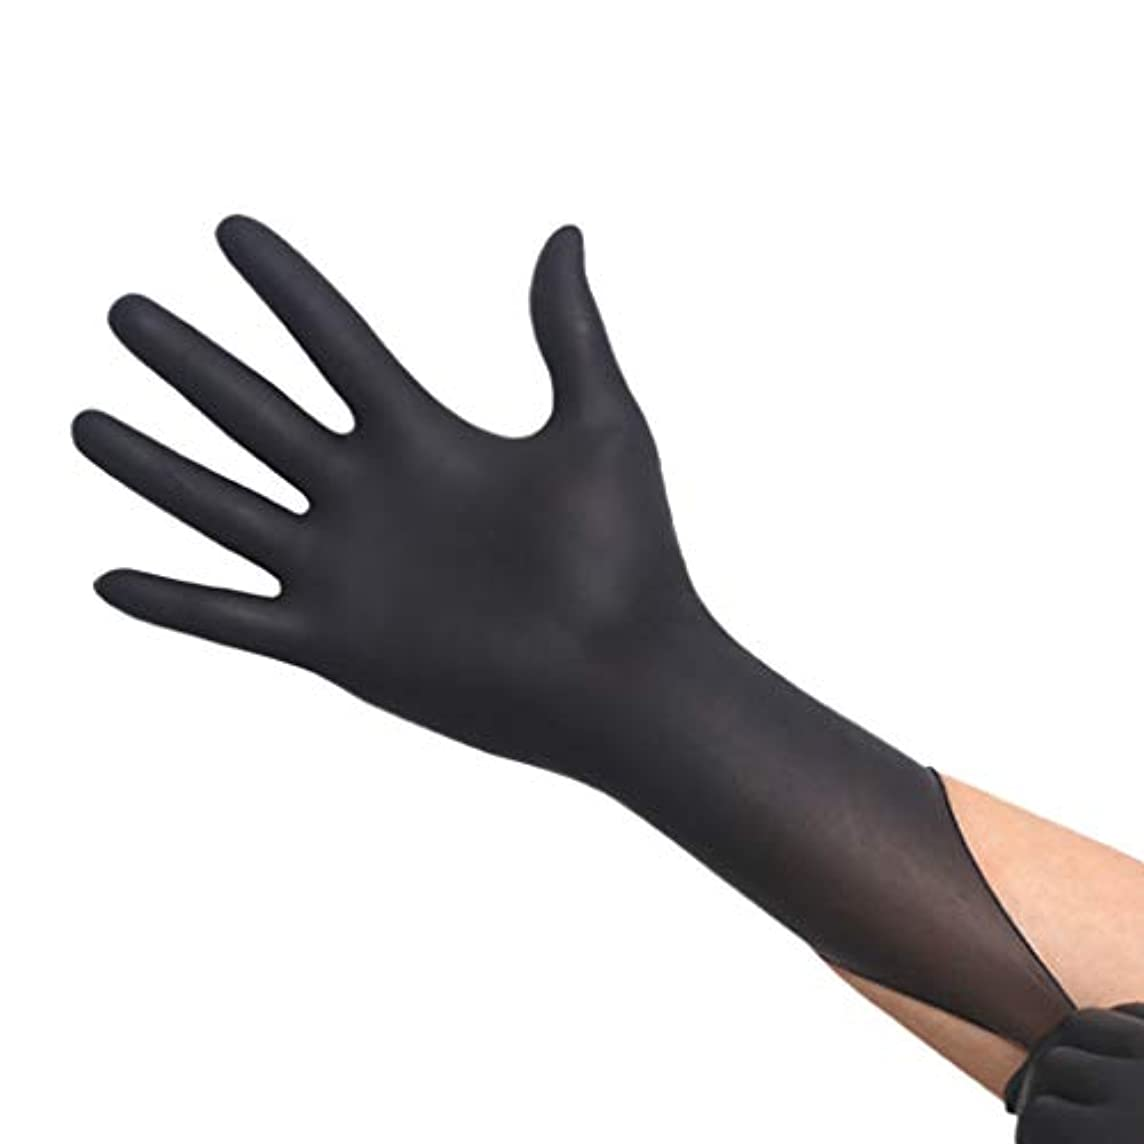 ロボット最終回転厚手の耐摩耗性使い捨てブラックニトリル手袋 - 耐酸性美容サロン手袋、50ペア/箱 YANW (色 : ブラック, サイズ さいず : L l)